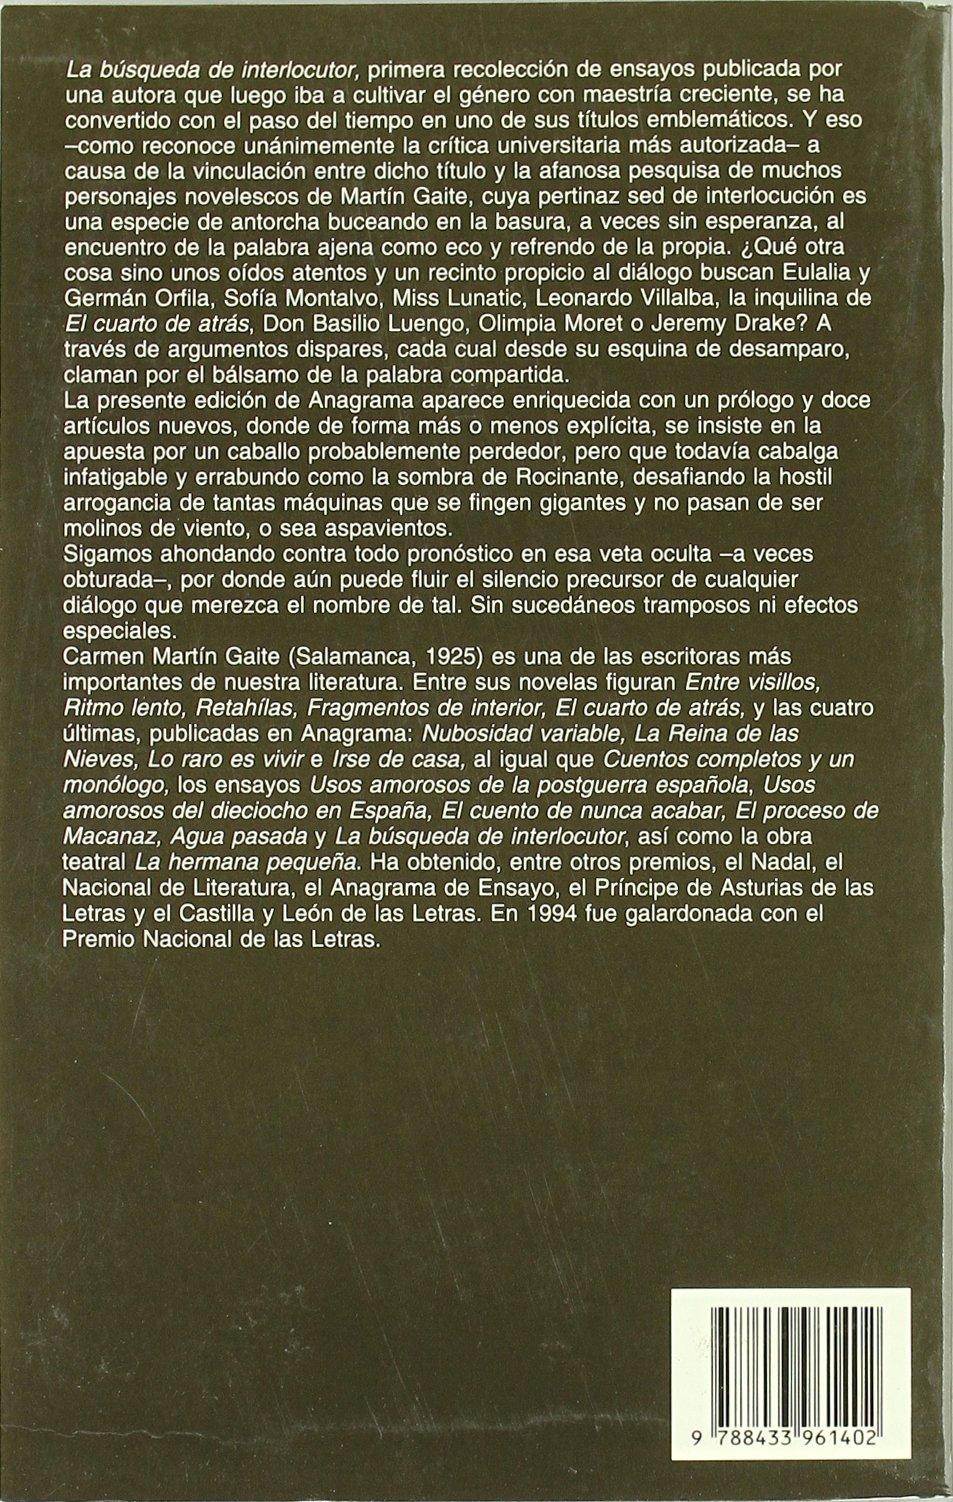 La búsqueda de interlocutor y otras búsquedas: 249 Argumentos: Amazon.es: Martín Gaite, Carmen: Libros